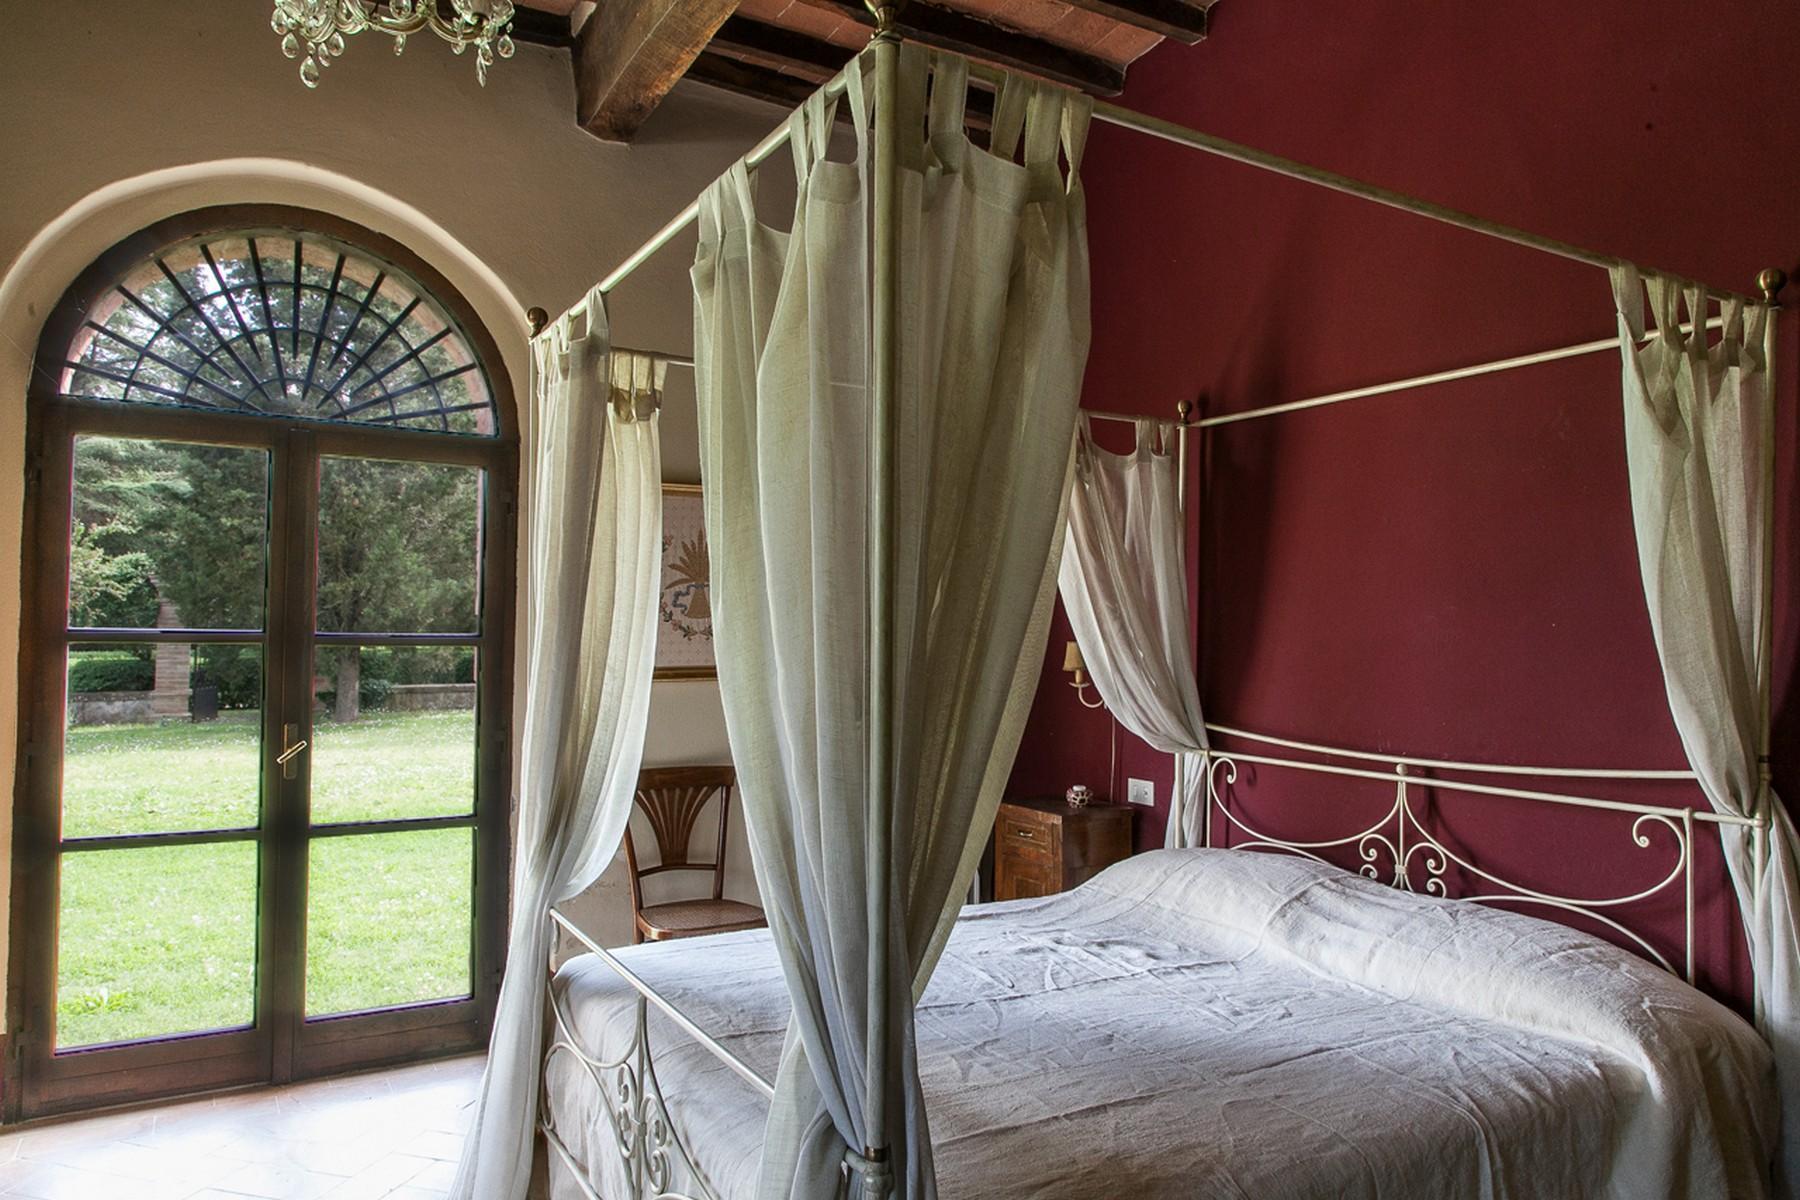 来自16世纪锡耶纳乡村优雅而古典的农舍 - 24